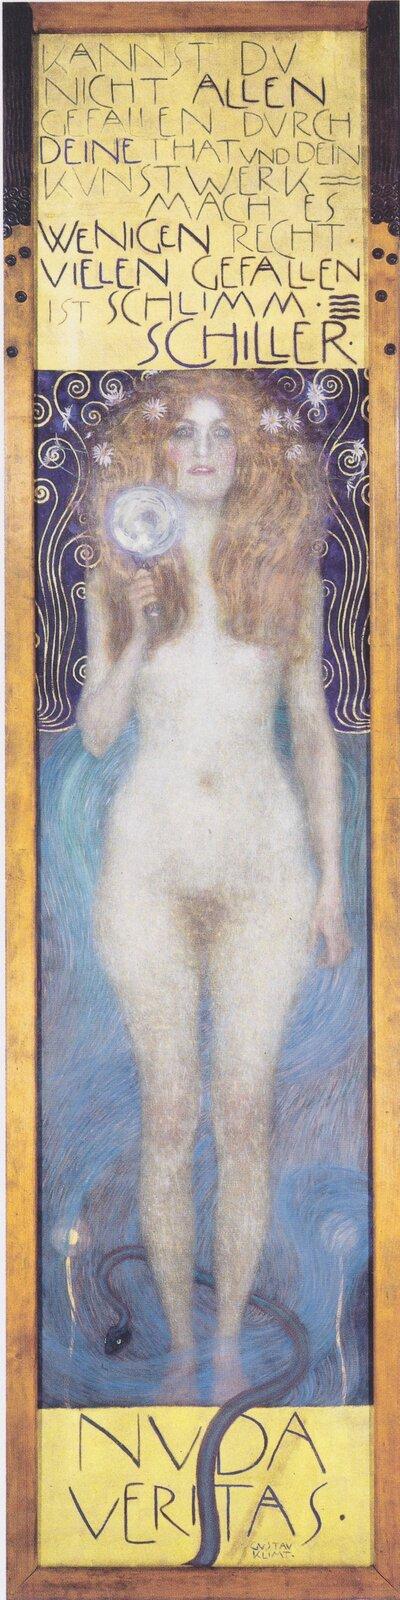 """Ilustracja interaktywna przedstawia obraz """"Nuda Veritas"""" autorstwa Gustawa Klimty. Obraz ukazuje nagą kobietę, trzymającą wręku lupę. Nad oraz pod postacią umieszczone są napisy."""